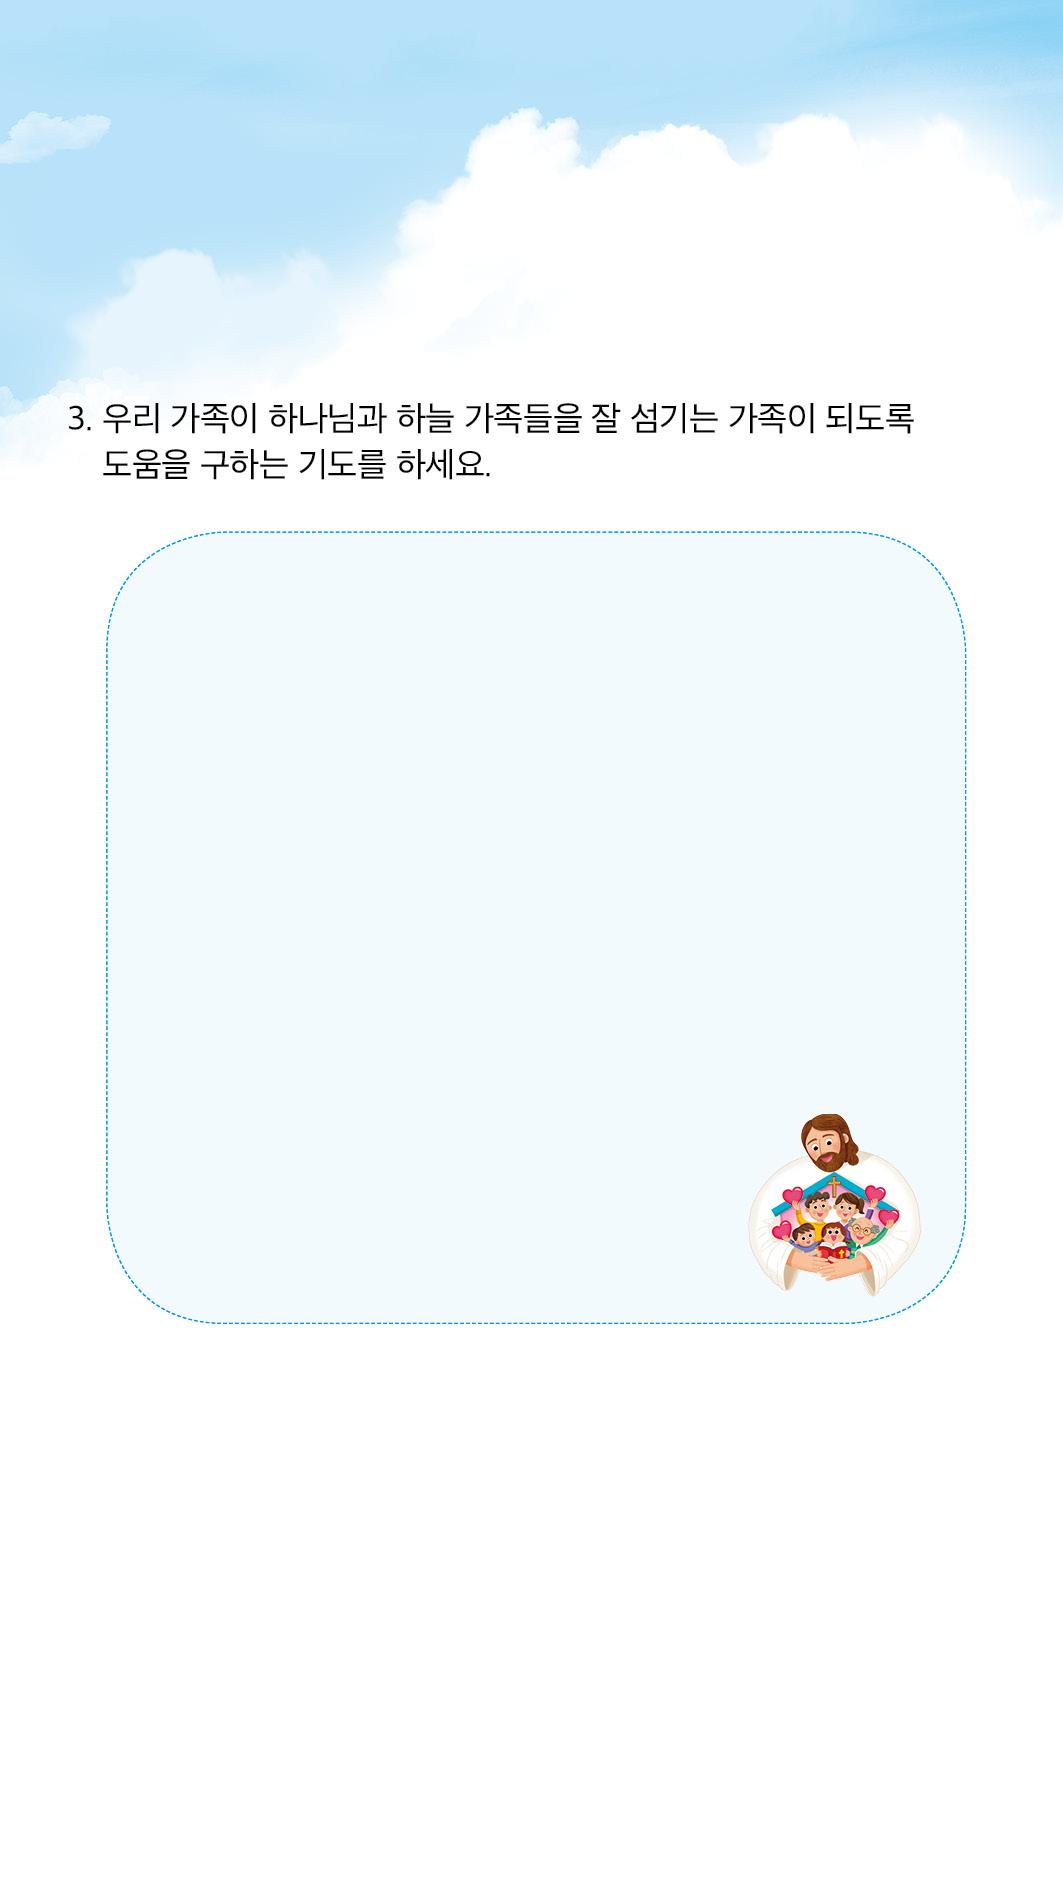 학령기 가정활동_신약3 6과 모바일8.jpg